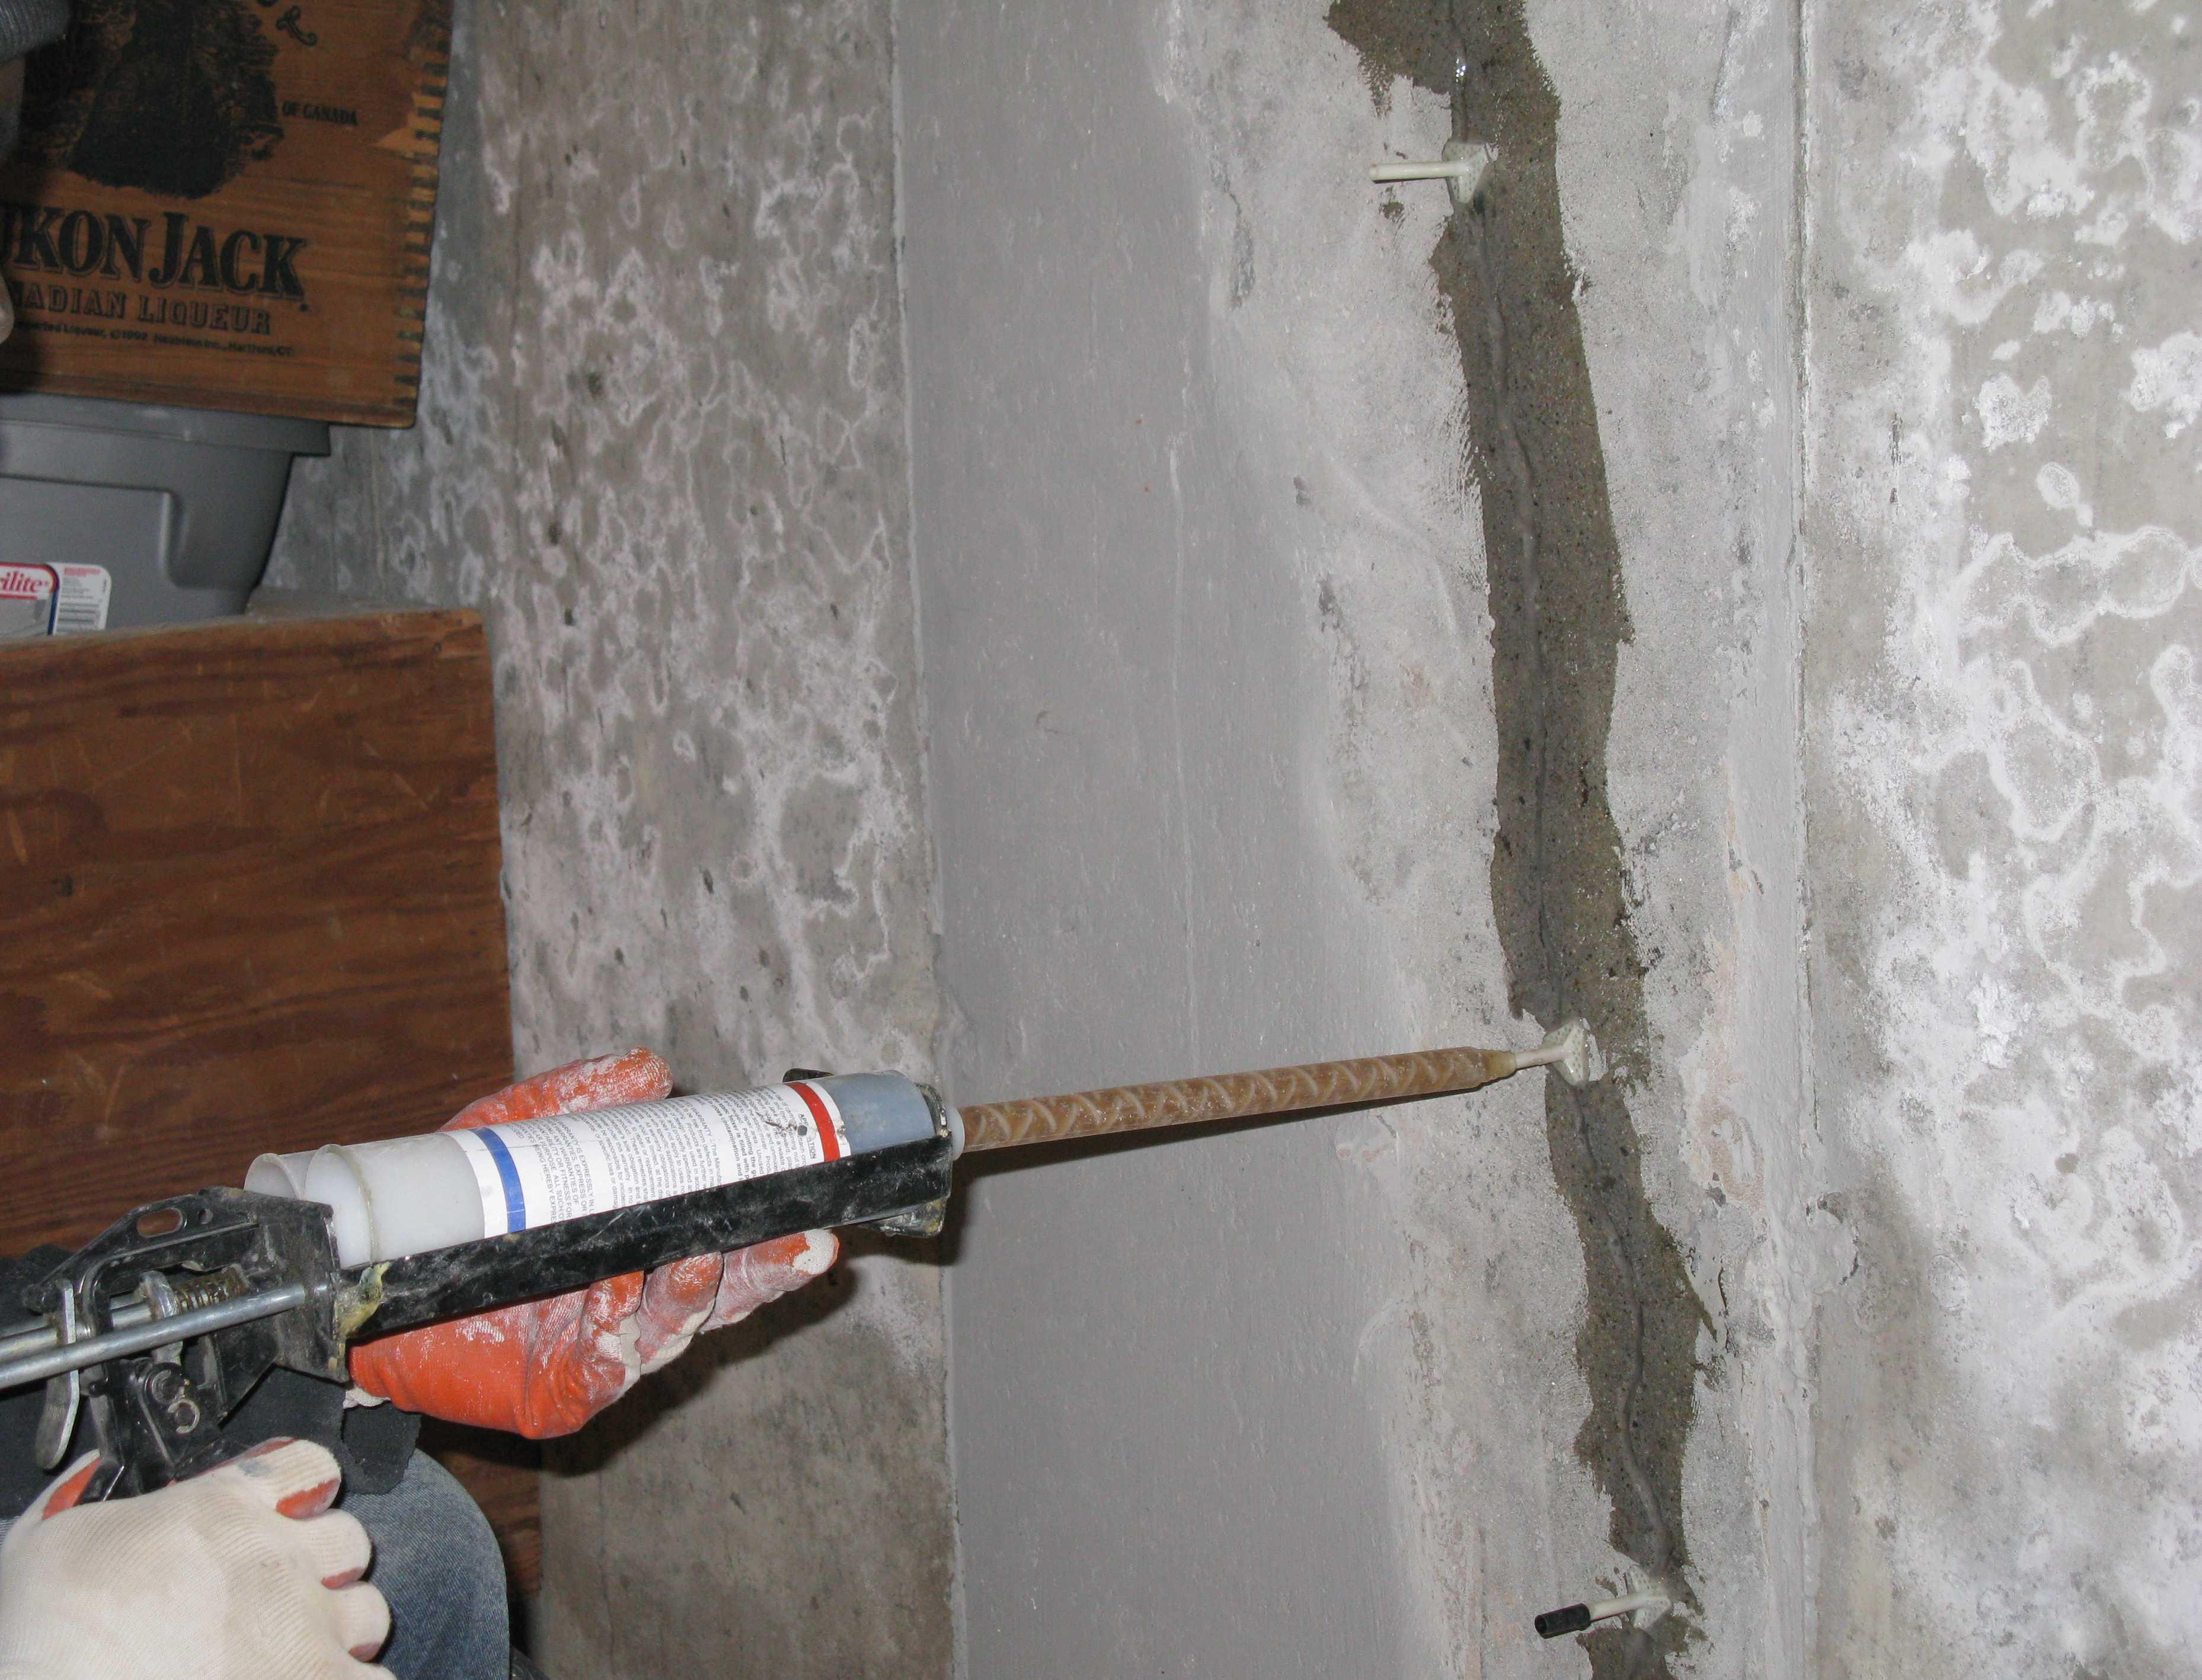 Epoxy Cement Repair : Are wall cracks repair materials safe lakewood oh